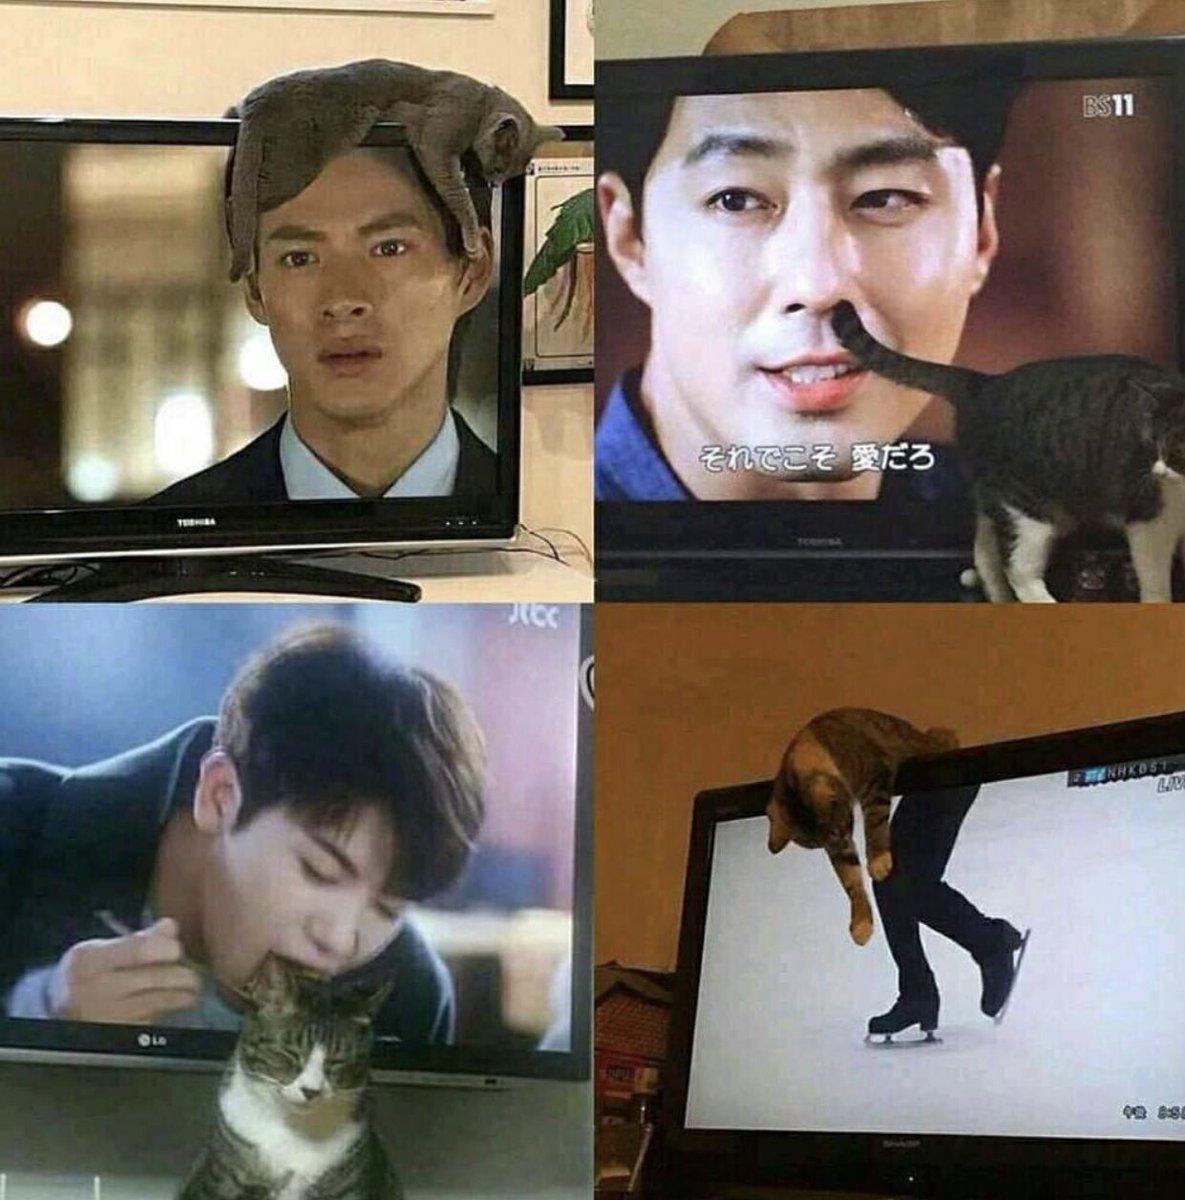 おもしろい偶然。テレビの映像と奇跡的に重なってしまった猫達。